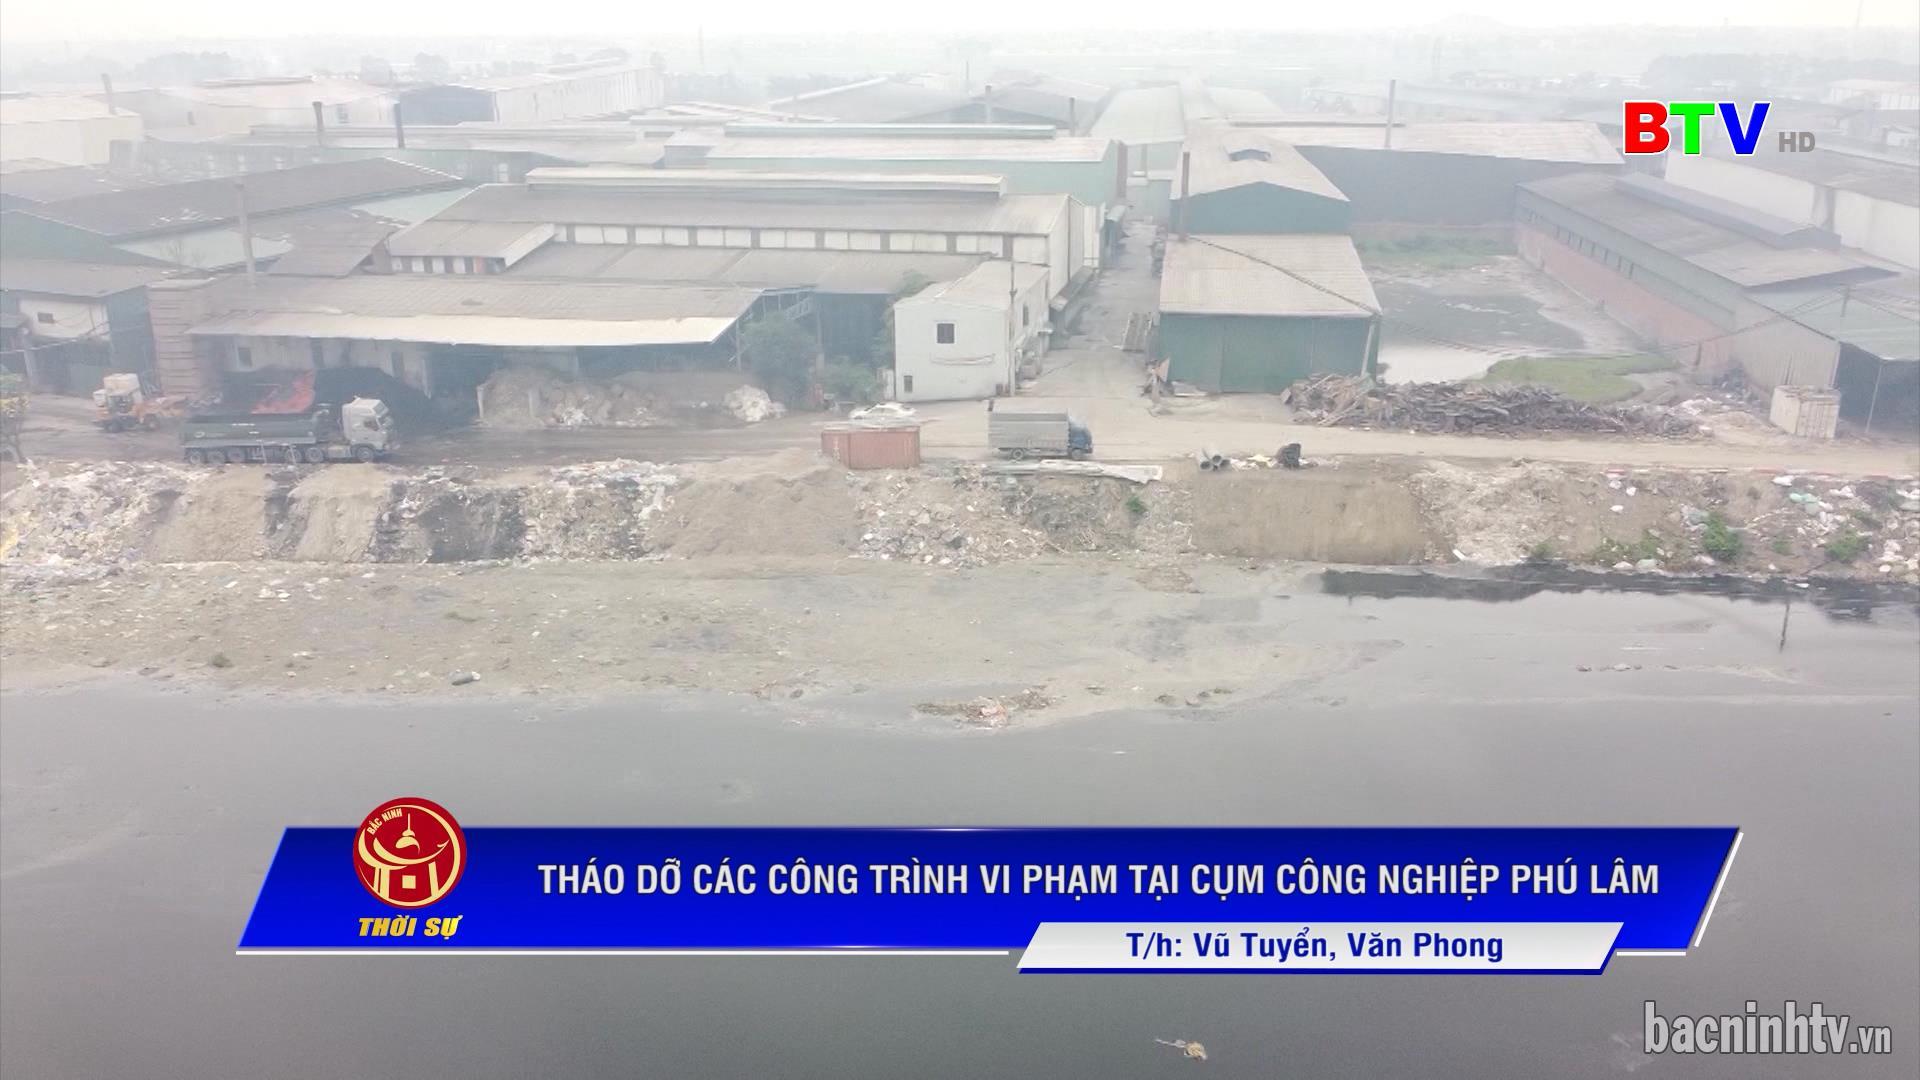 Tháo dỡ các công trình vi phạm tại Cụm công nghiệp Phú Lâm